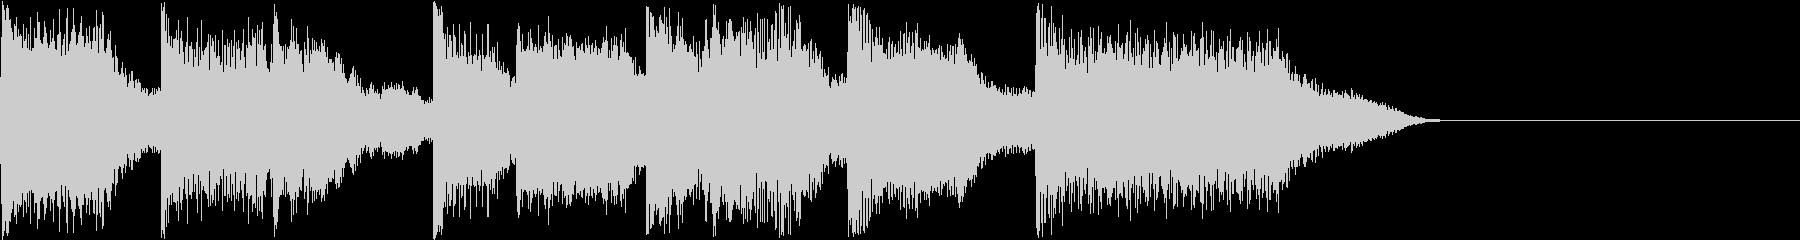 AI メカ/ロボ/マシン動作音 33の未再生の波形